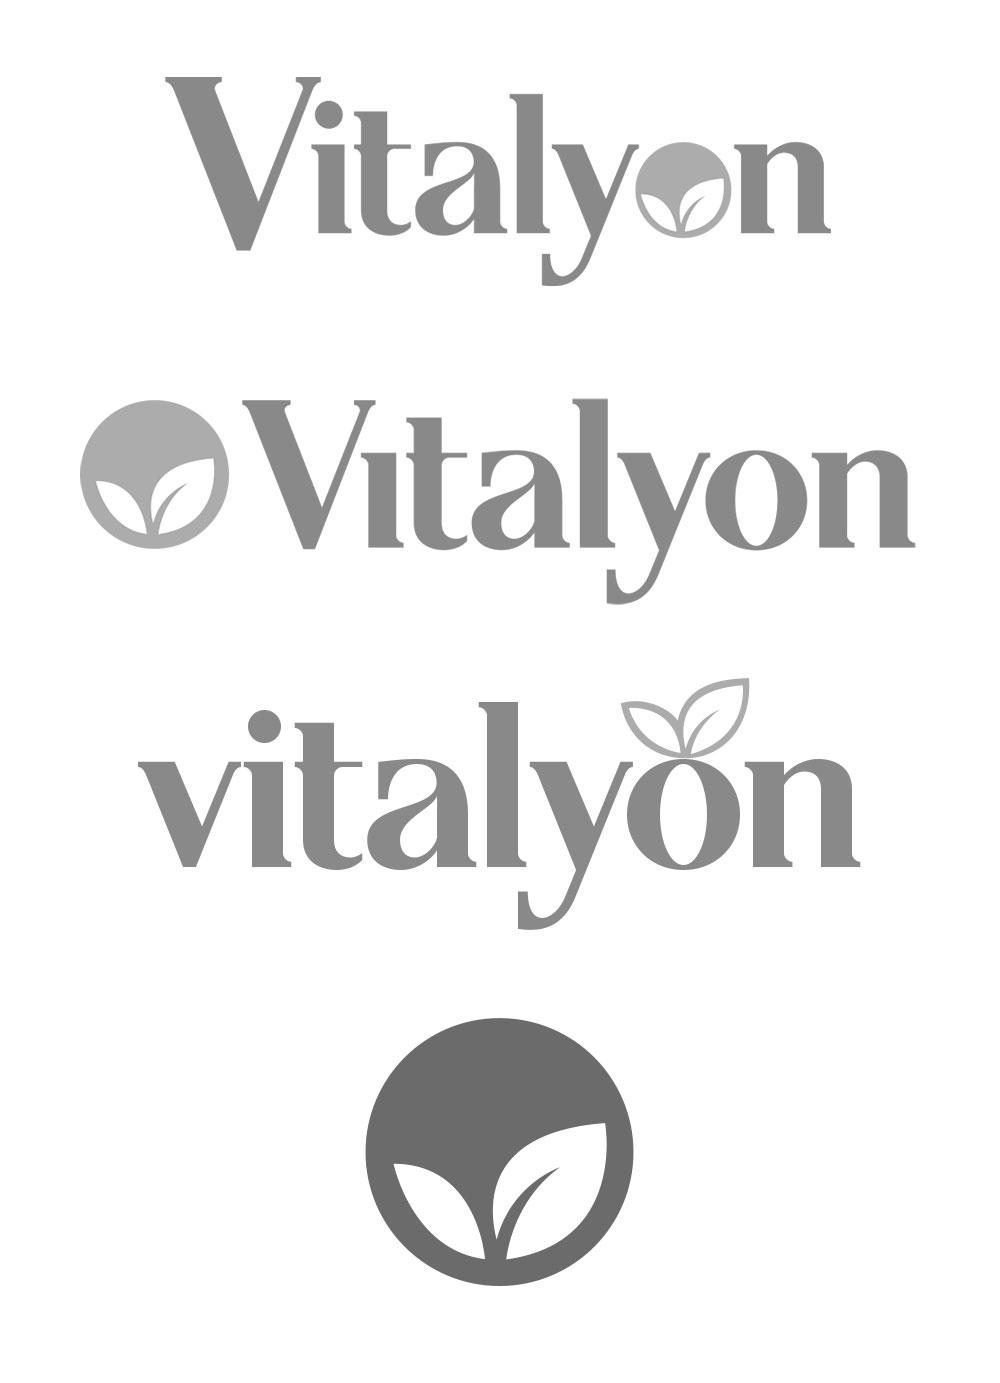 Vitalyon Concept 2